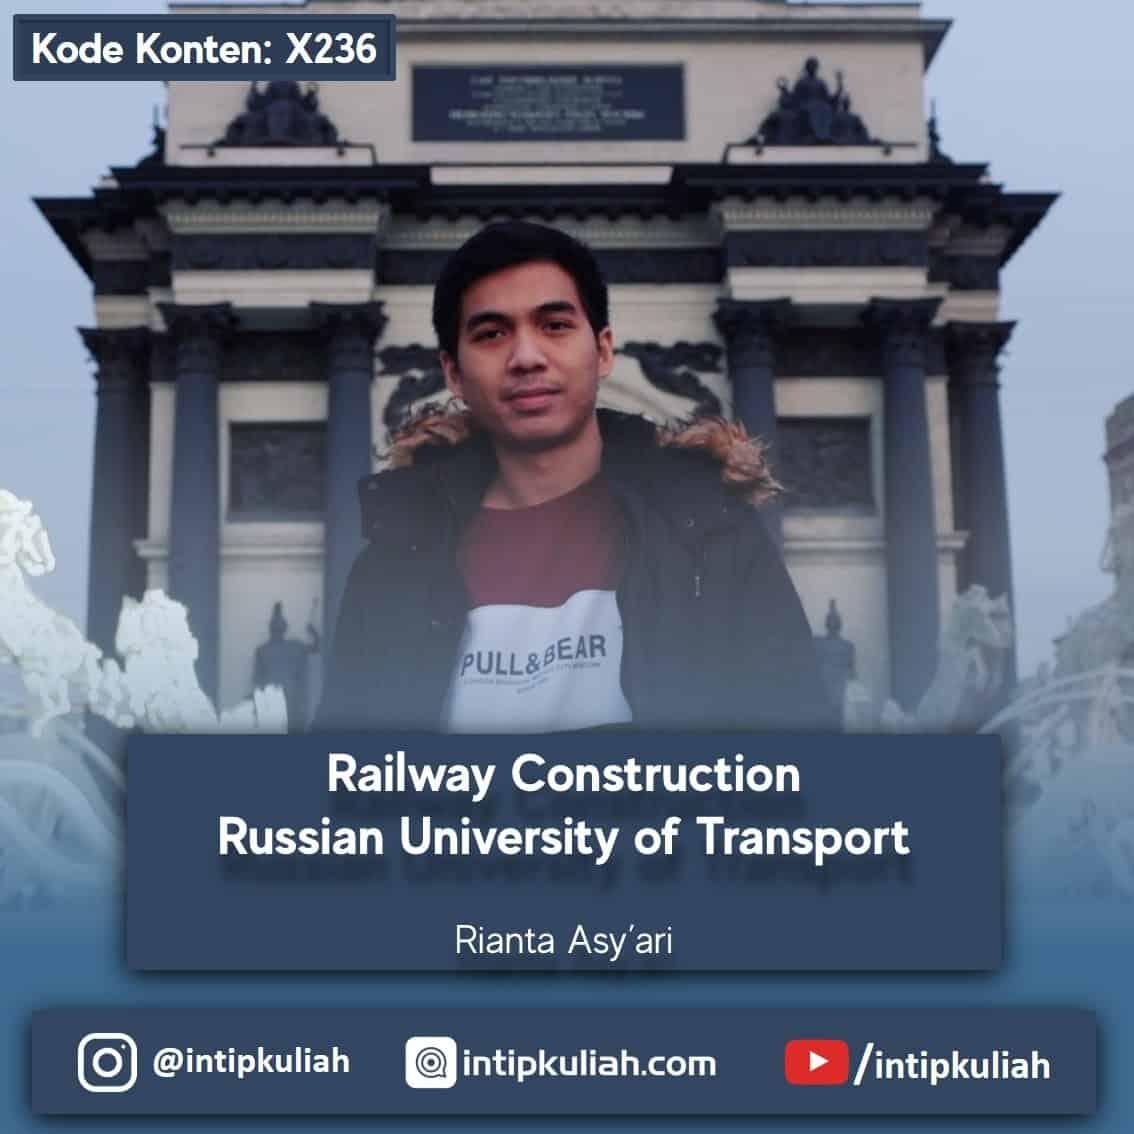 Teknik Kereta Api Russian University of Transport (Rian)